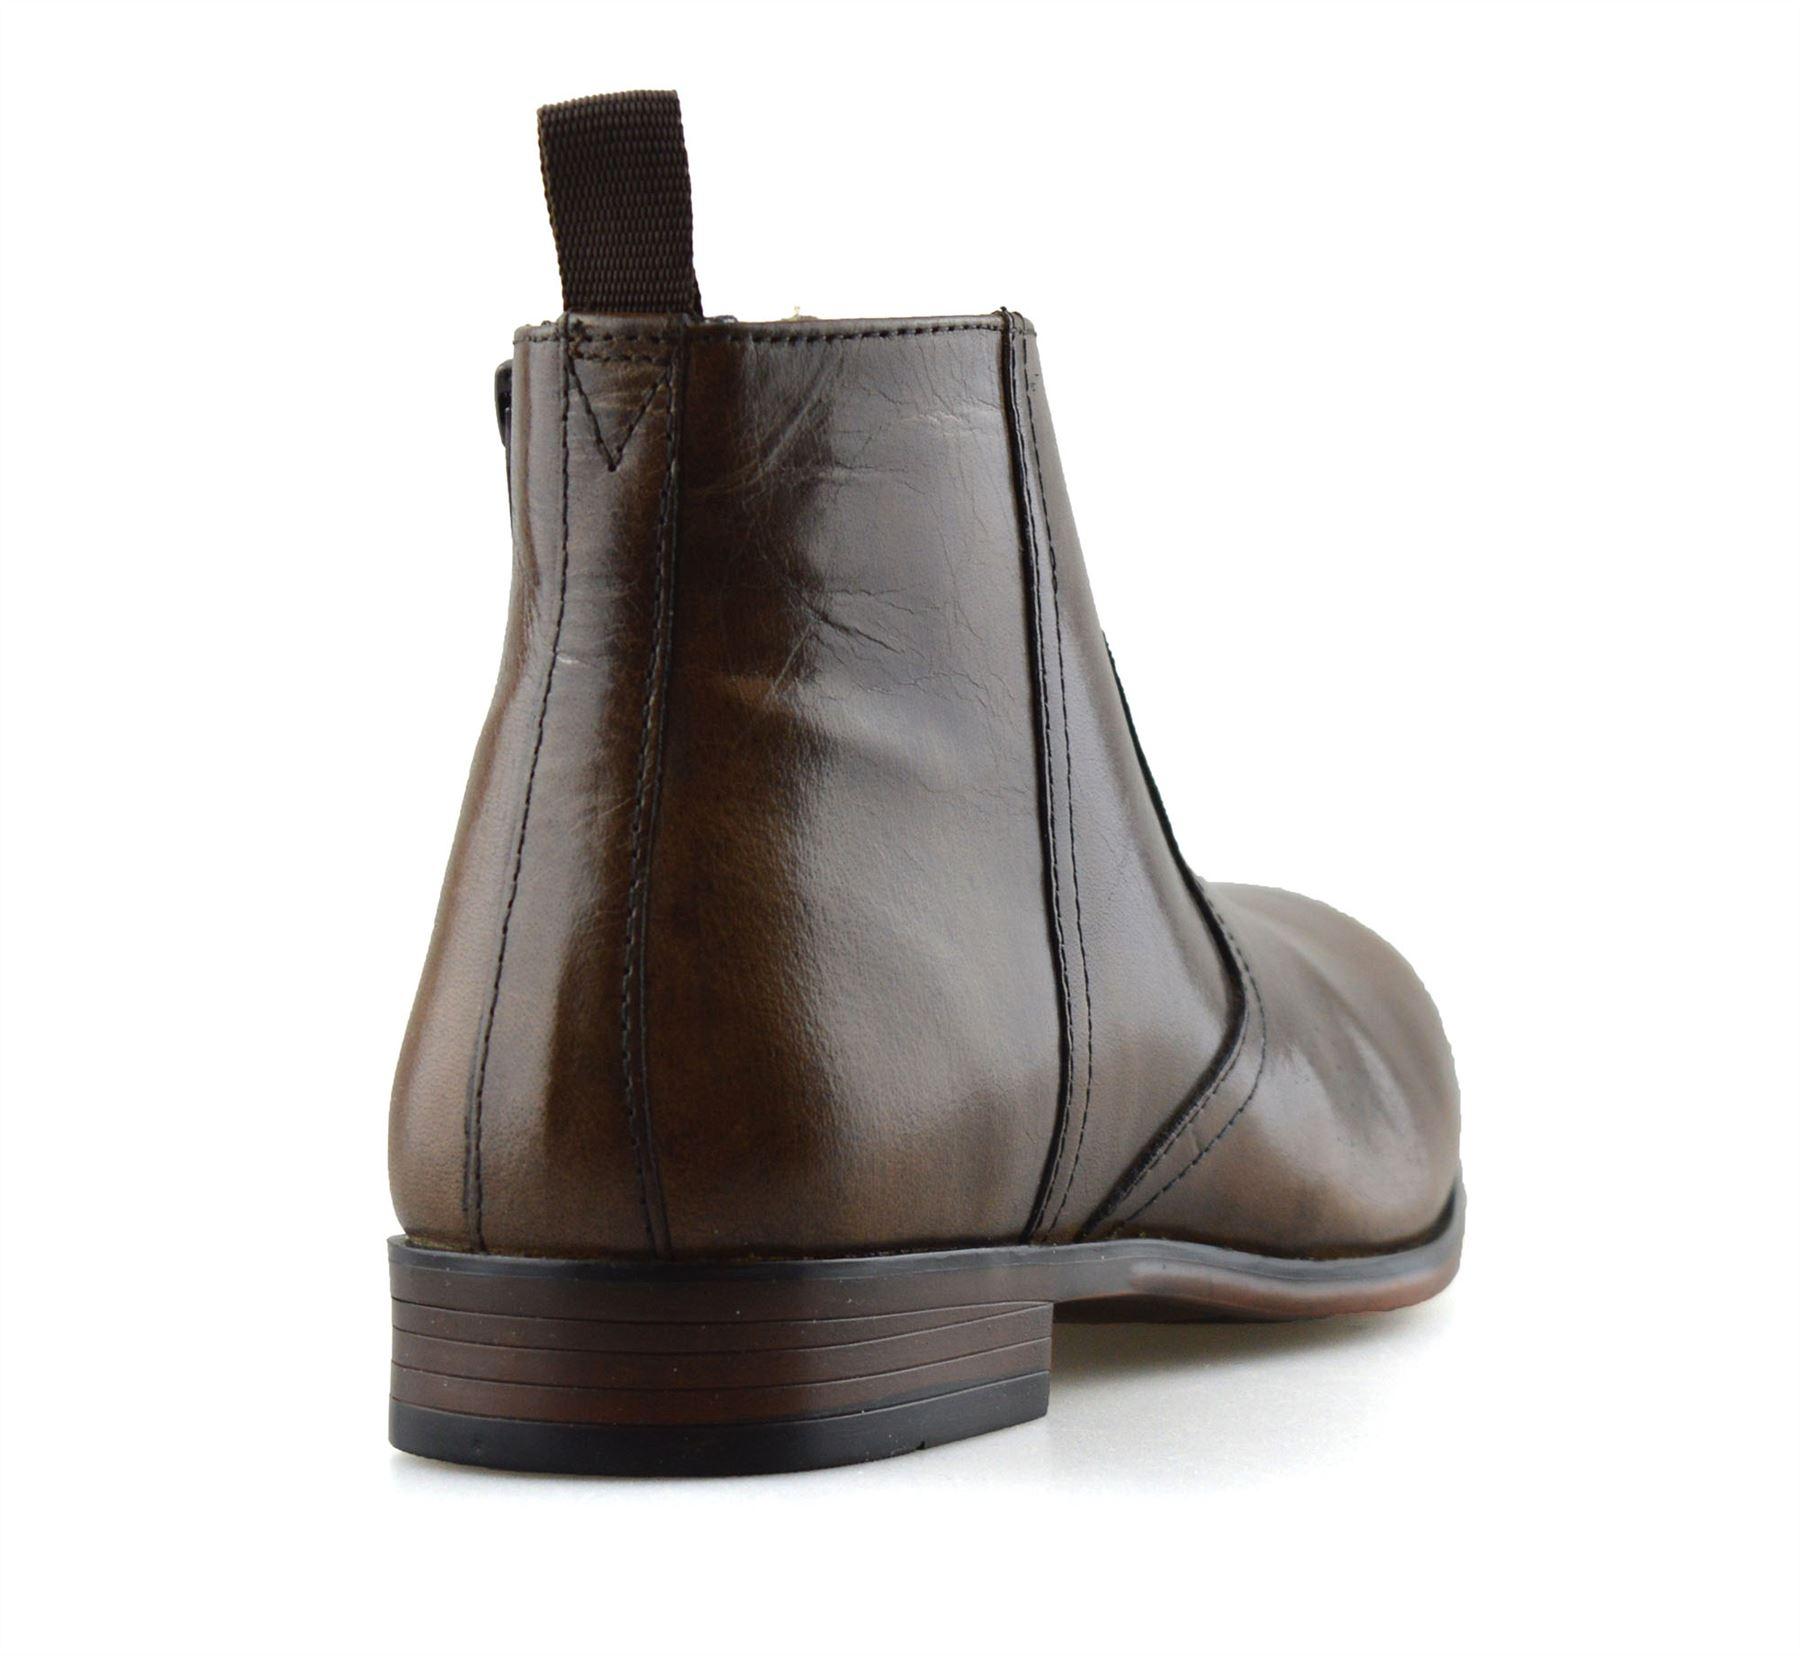 Hombre-Nuevo-Cuero-Cremallera-Formal-Smart-Trabajo-Distribuidor-Chelsea-Botas-al-Tobillo-Zapatos miniatura 25